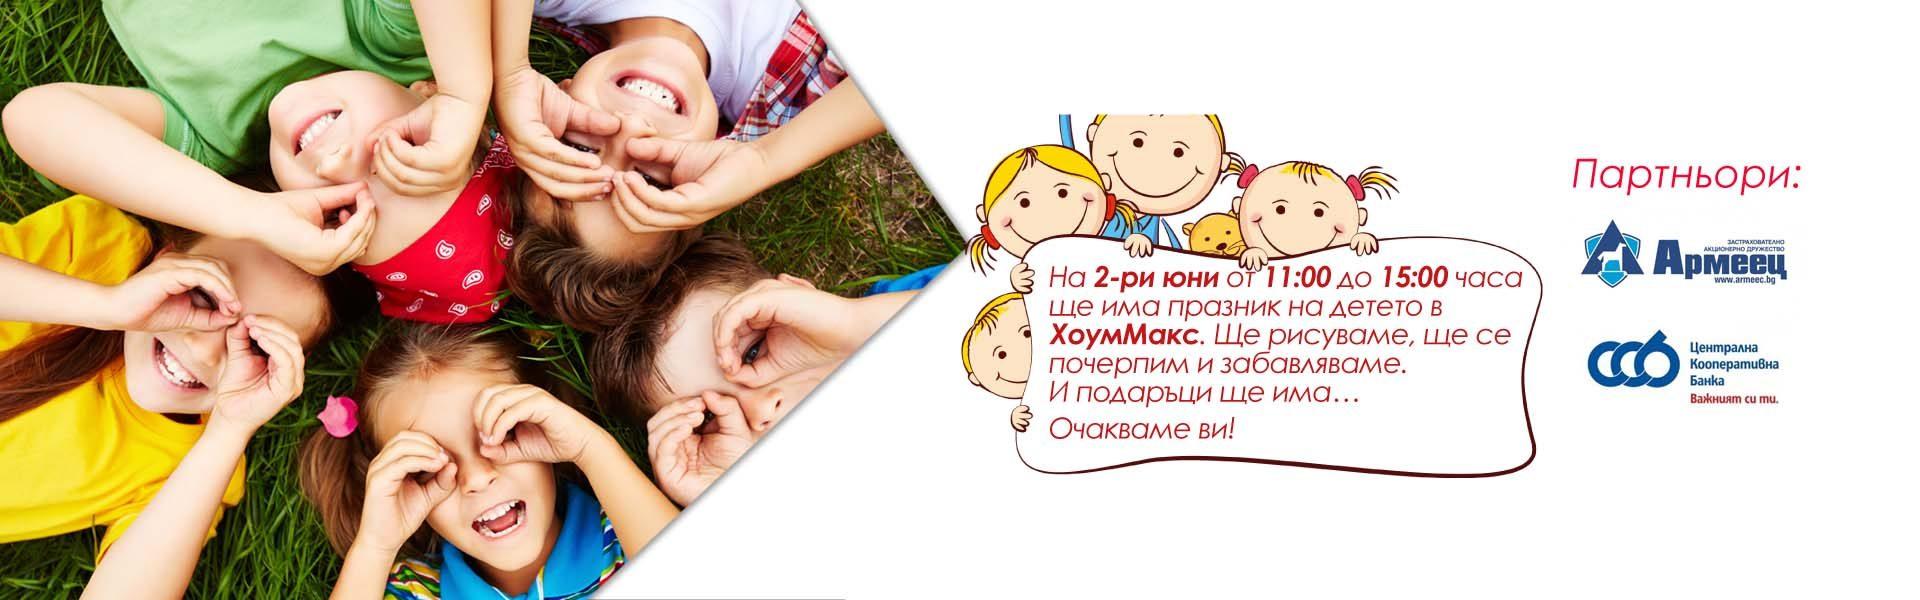 1 ЮНИ - Ден на детето